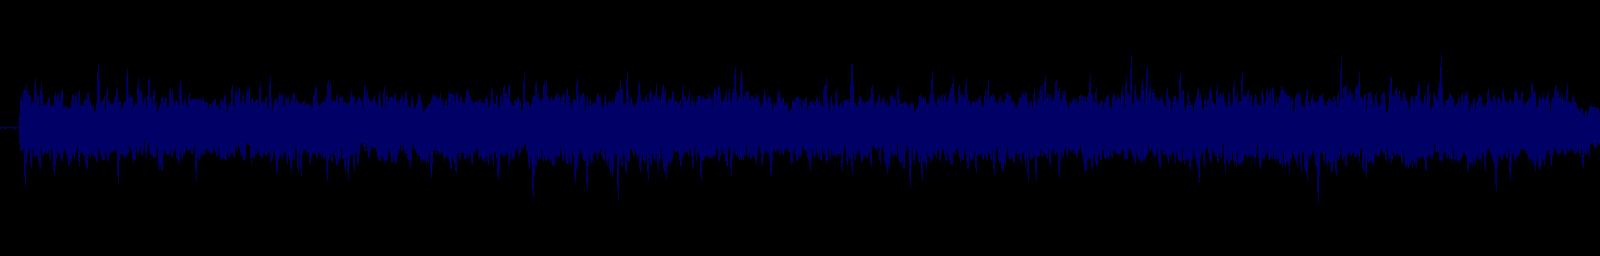 waveform of track #129352